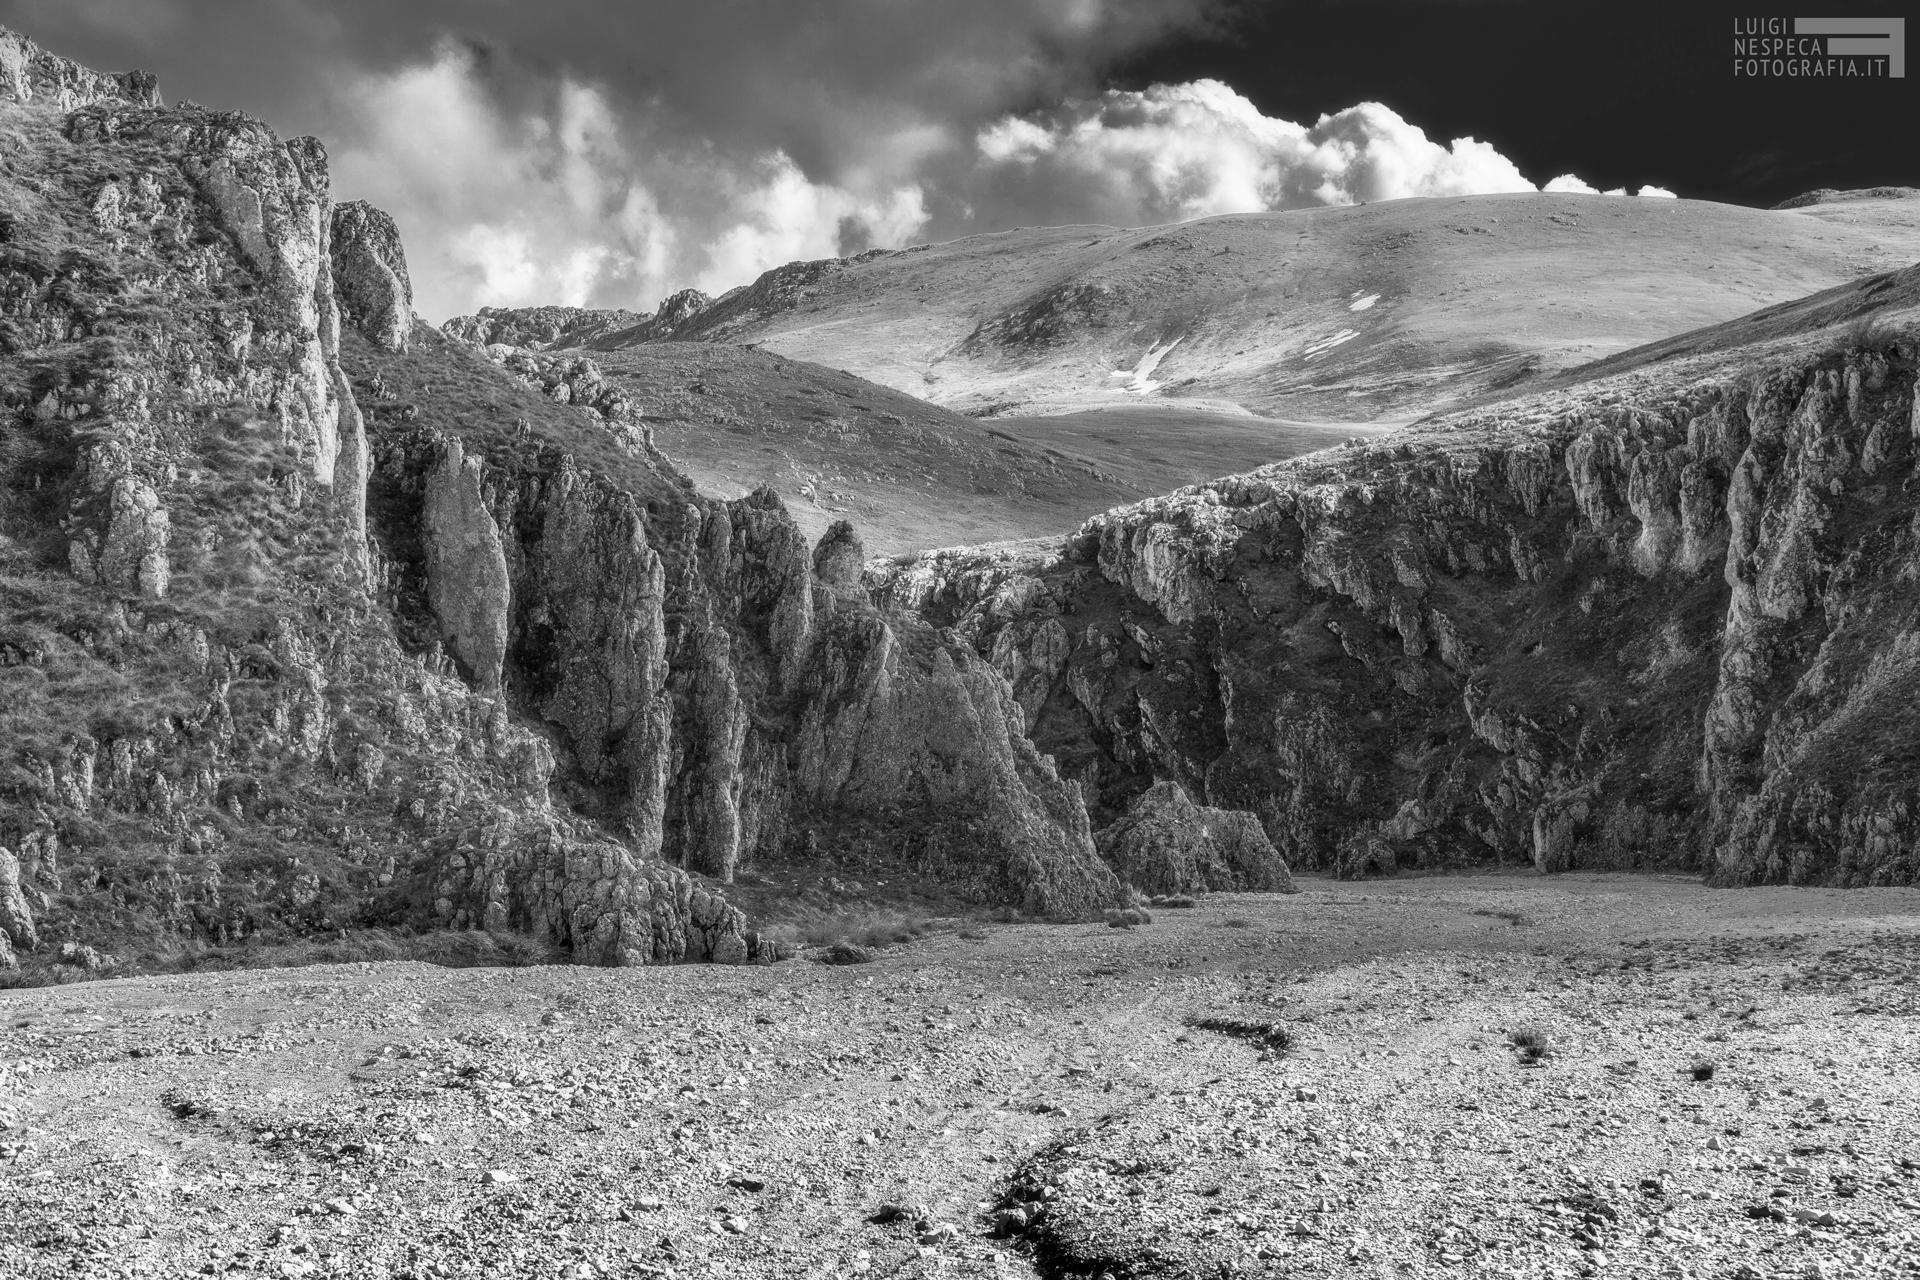 15 - Primavera: Il Canyon dello Scoppaturo - Campo Imperatore - Gran Sasso